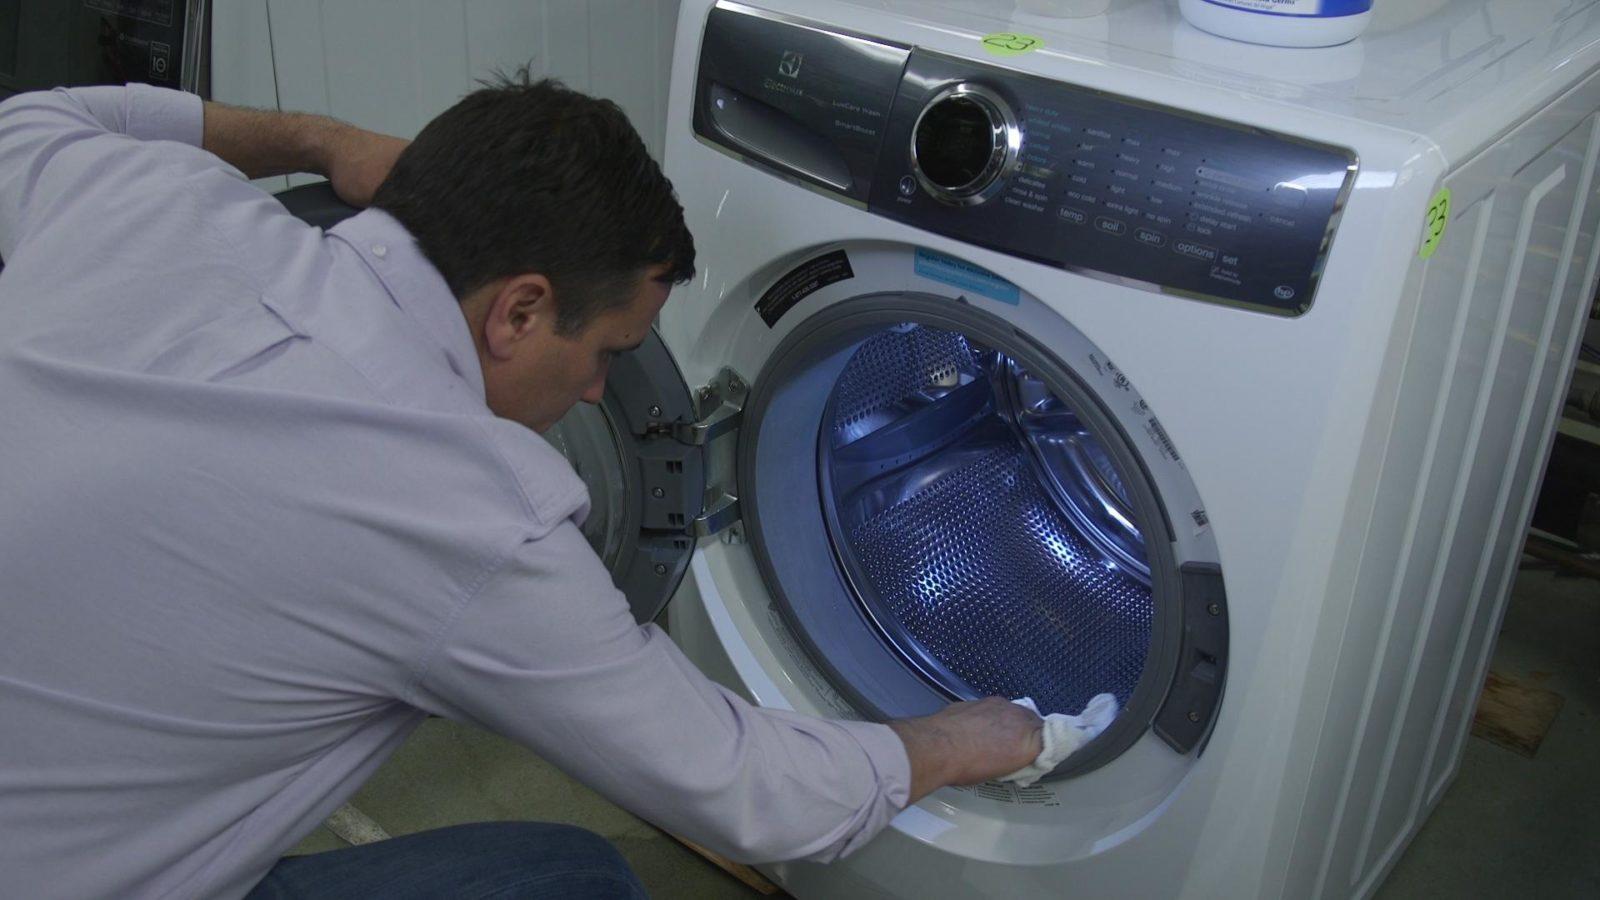 после стирки протирайте манжету и барабан стиральной машины тряпочкой